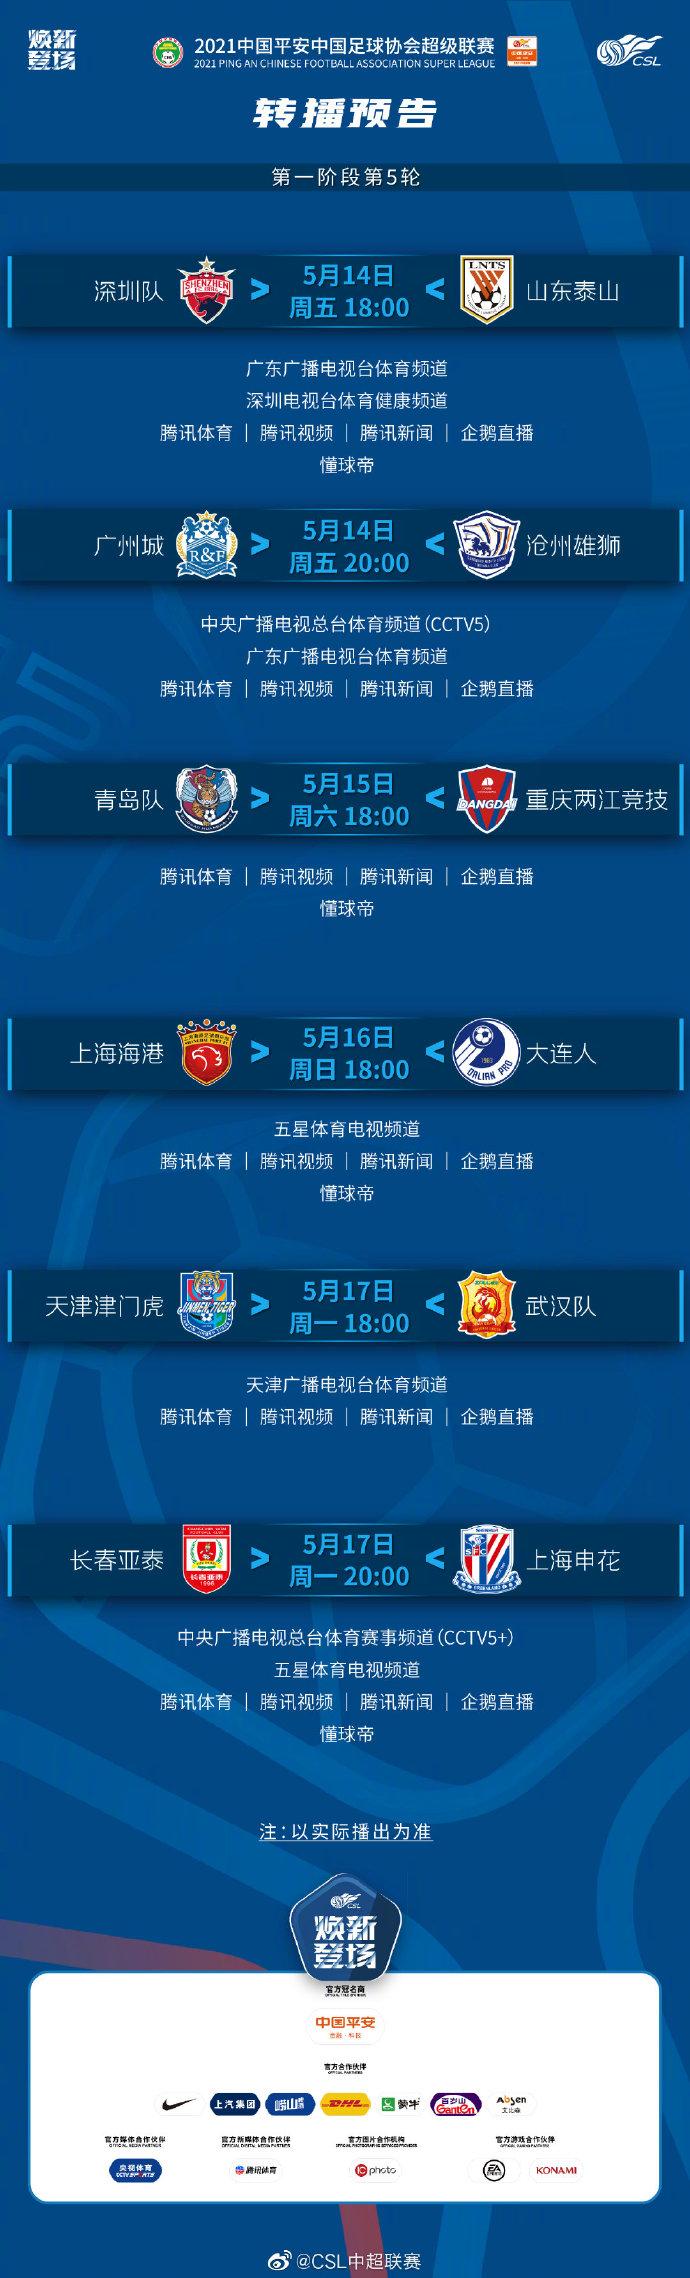 中超第5輪轉播預告 央視直播廣州城VS滄州雄獅